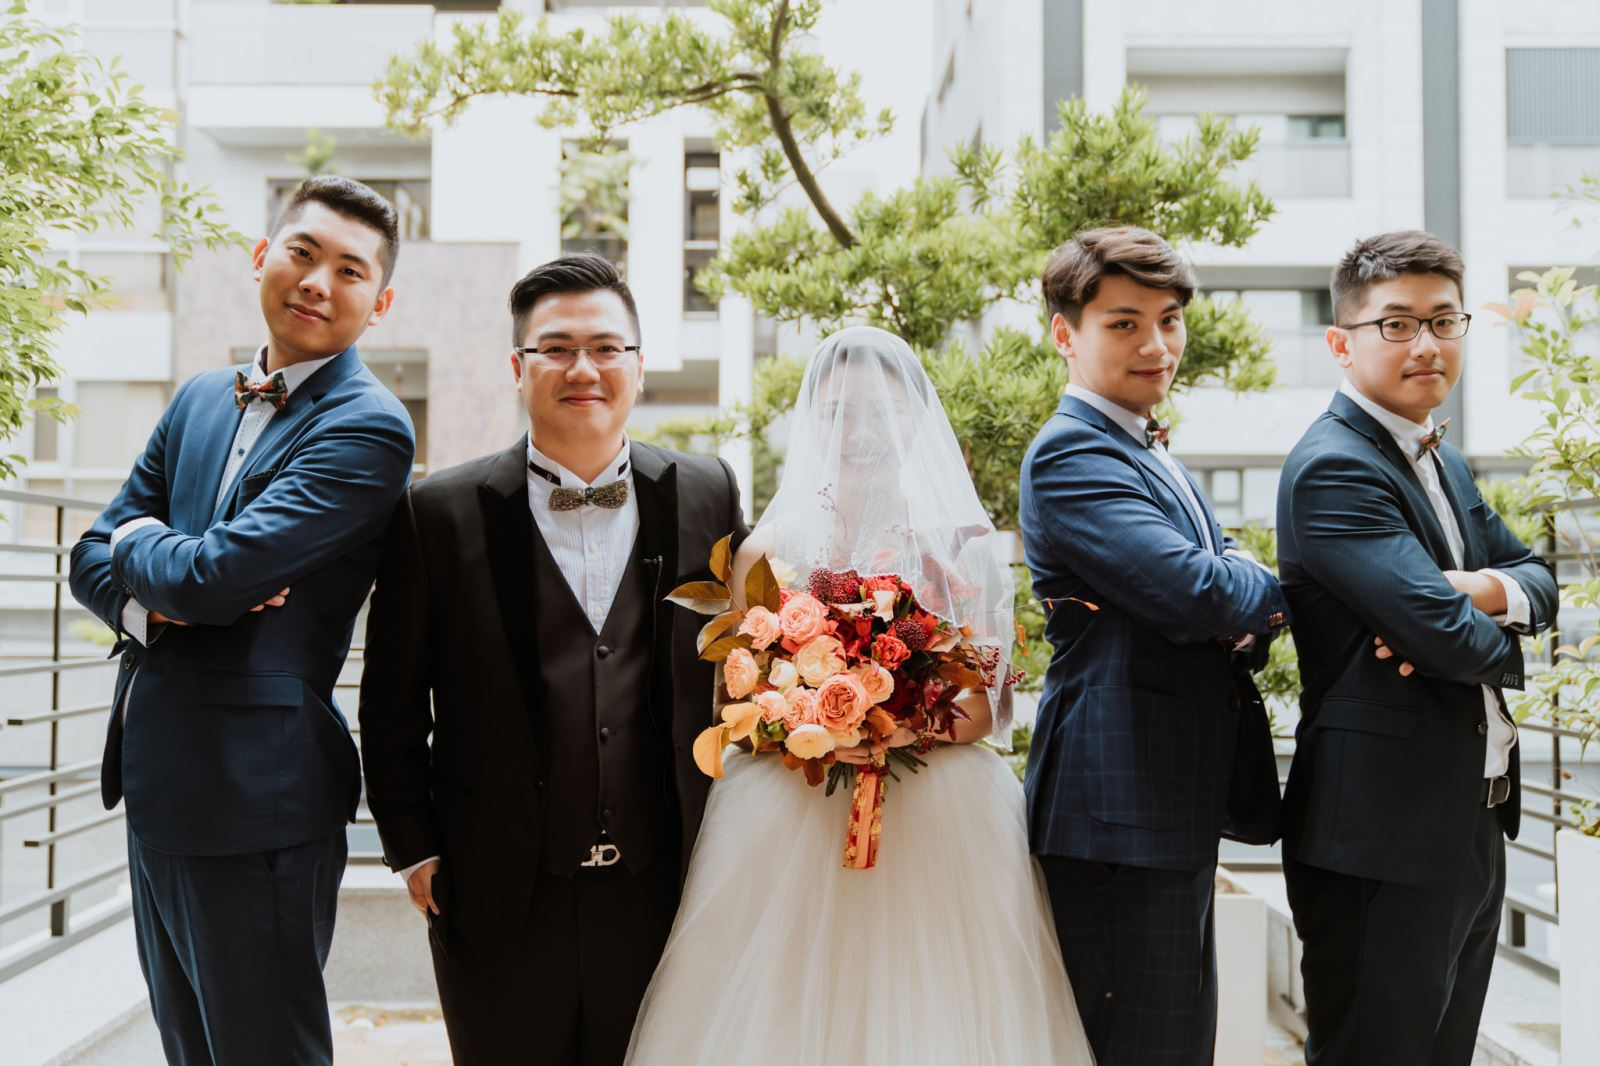 婚禮主持人安排時間讓新娘嫁到男方家,與伴郎團合照